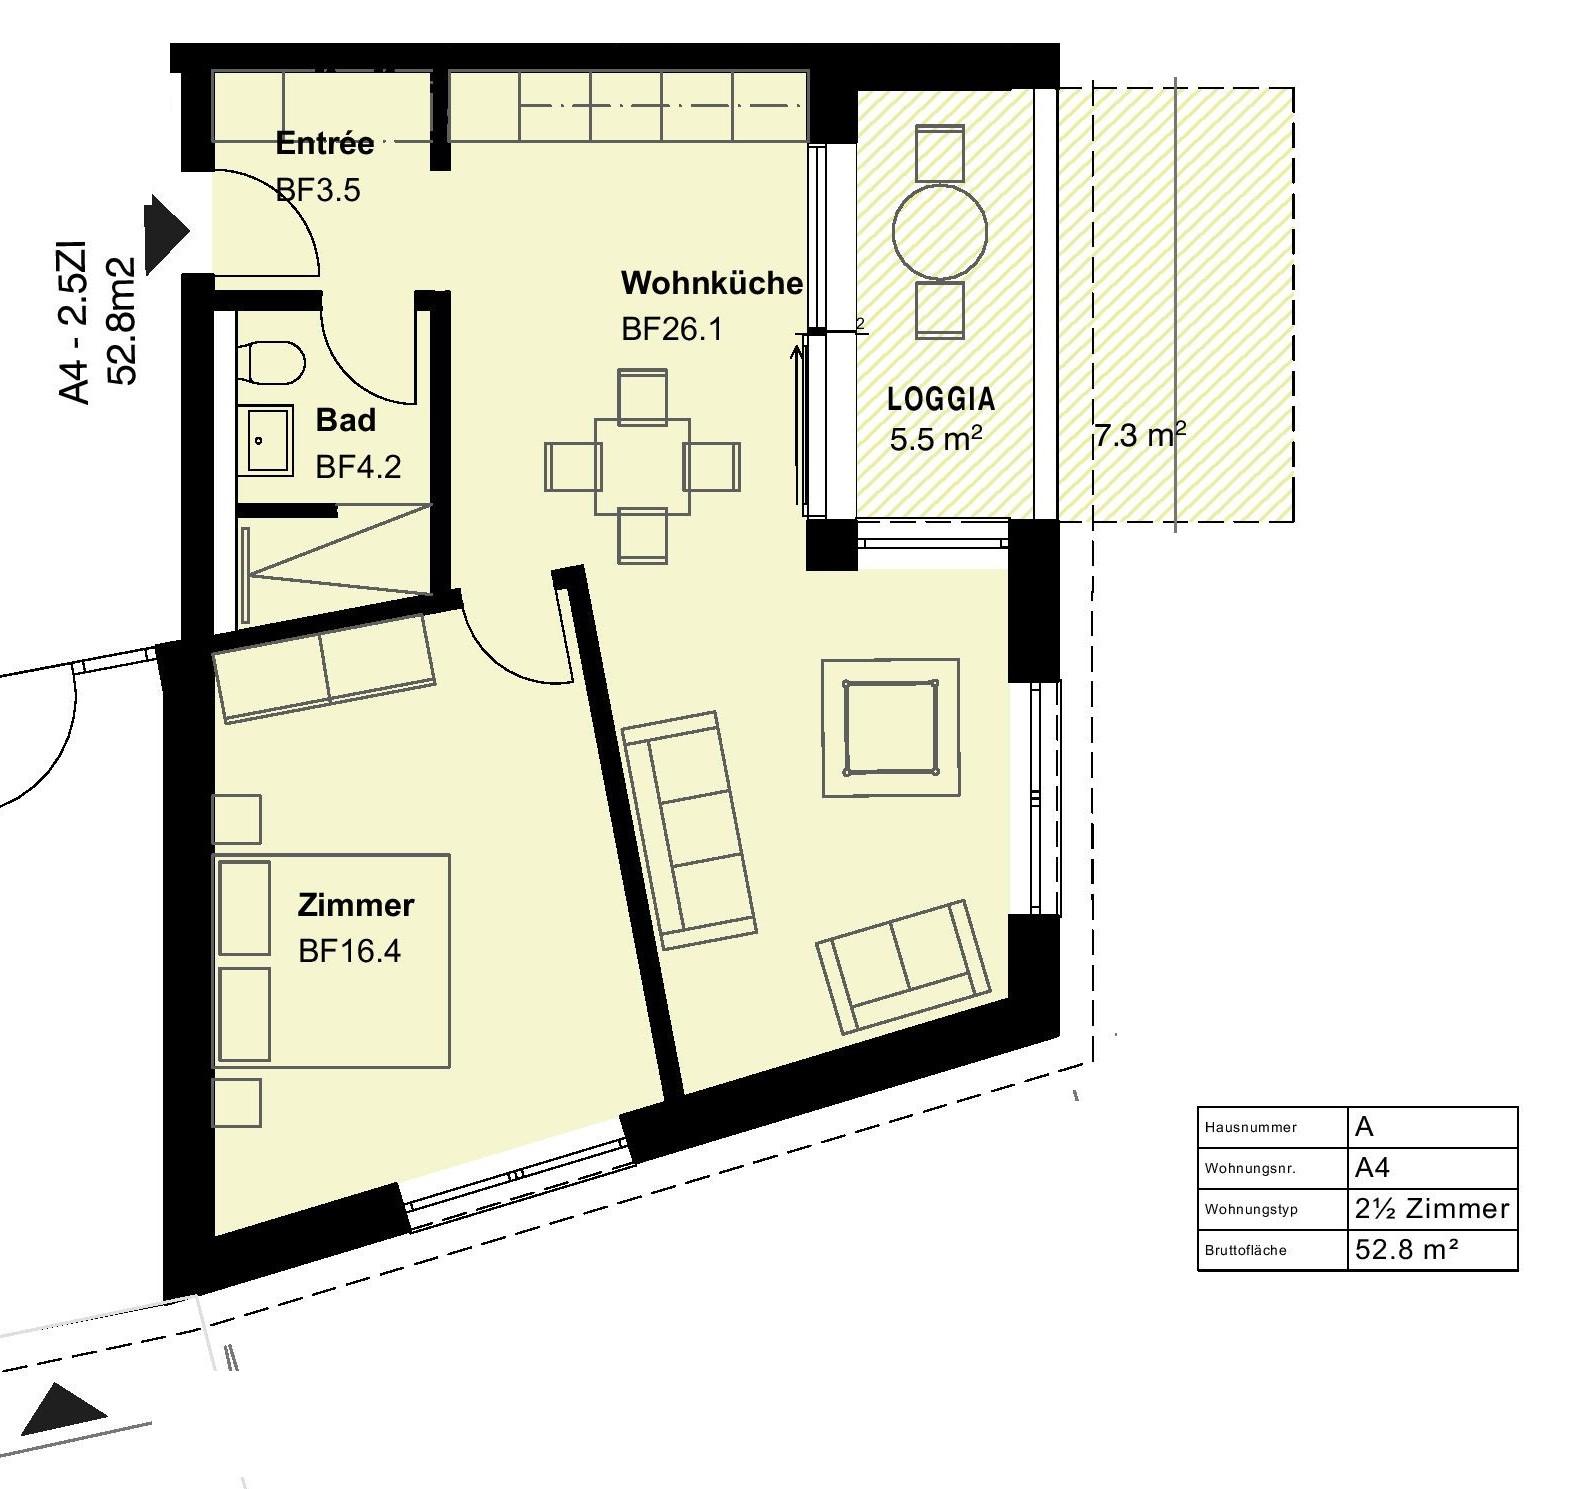 2.5 Zimmer_Typ4_A4_52.8m2_29.06.18.jpg